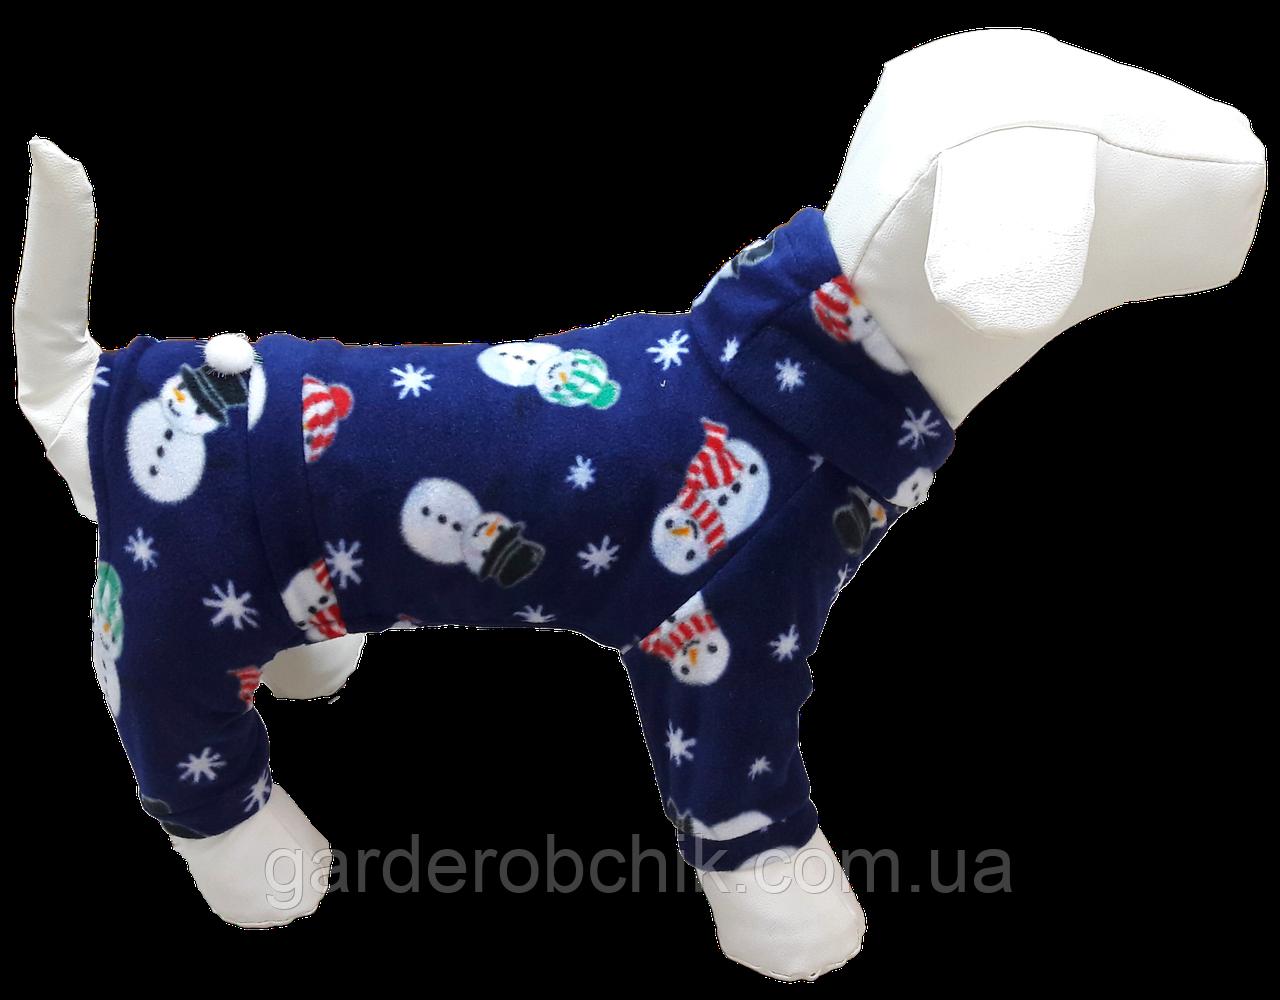 Комбинезон, костюм  трикотажный для собаки D-26.  Одежда для собак